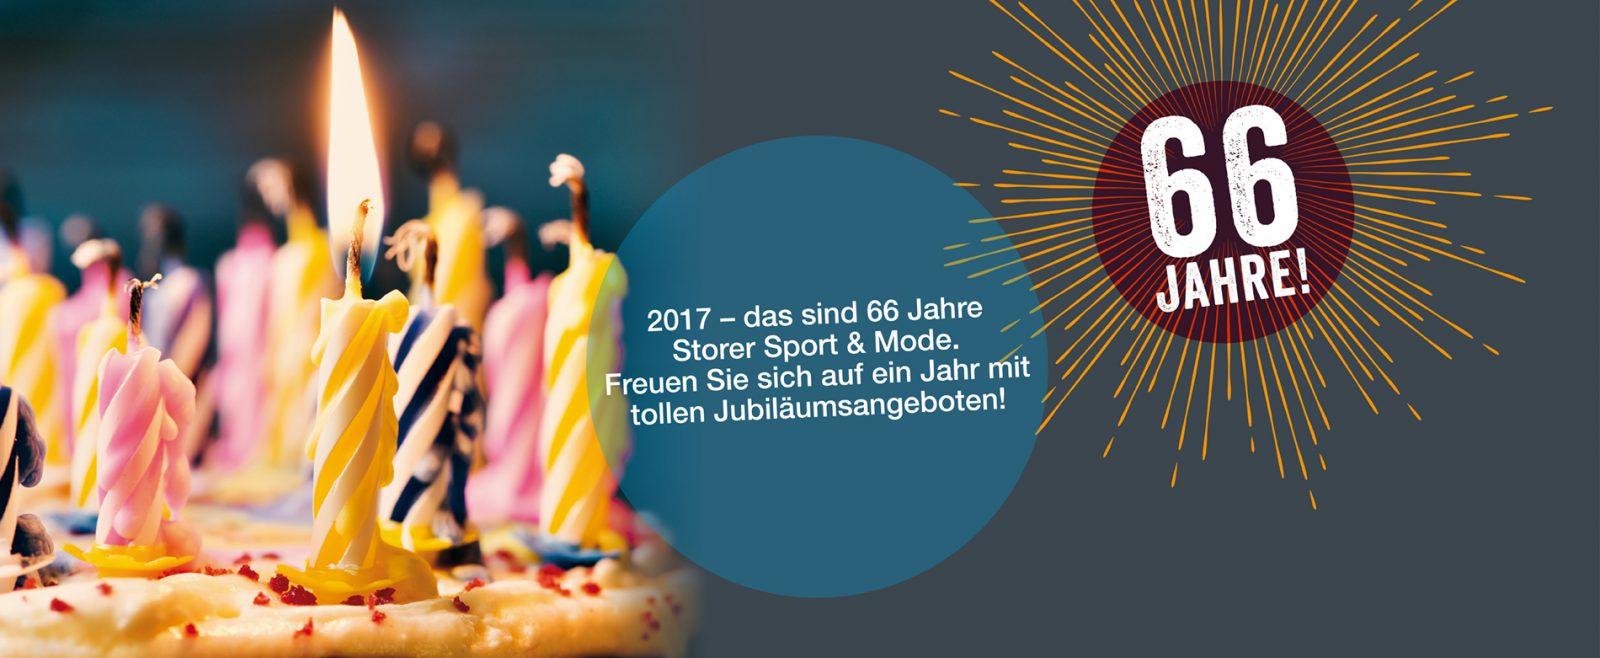 storer_sport_und_mode_slider_66-jahre